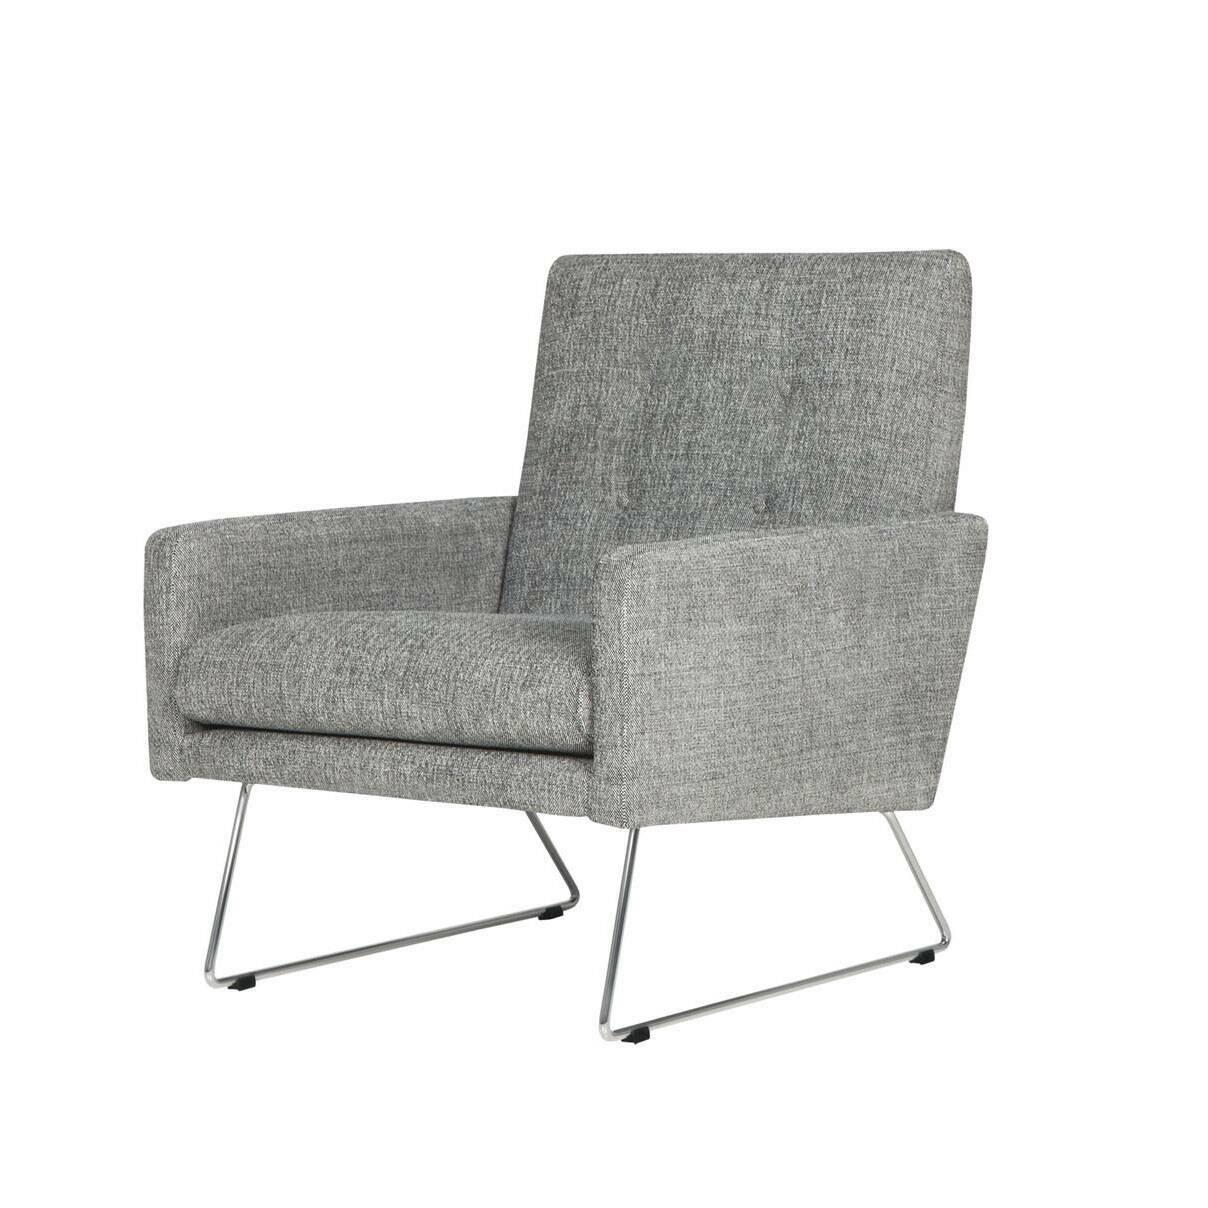 Кресло MaxИнтерьерные<br>Дизайнерское широкое удобное кресло Max (Макс) на металлических ножках от Sits (Ситс).<br><br><br> Строгие шведские черты в сочетании с современными веяниями в дизайне интерьера дают великолепный результат: разработанное ведущими дизайнерами мебельной компании Sits кресло Max сумеет интегрироваться практически в любой тип помещения. Строгие формы подлокотников и спинки, сочетаясь с высокими стальными ножками, дают простор для творчества в окружающей такую мебель обстановке.<br><br><br> Кресло Max<br>им...<br><br>stock: 0<br>Высота: 83<br>Высота сиденья: 43<br>Ширина: 68<br>Глубина: 80<br>Цвет ножек: Хром<br>Материал обивки: Полиэстер<br>Степень комфортности: Стандарт комфорт<br>Форма подлокотников: Стандарт<br>Коллекция ткани: Категория ткани III<br>Тип материала обивки: Ткань<br>Тип материала ножек: Металл<br>Цвет обивки: Серый